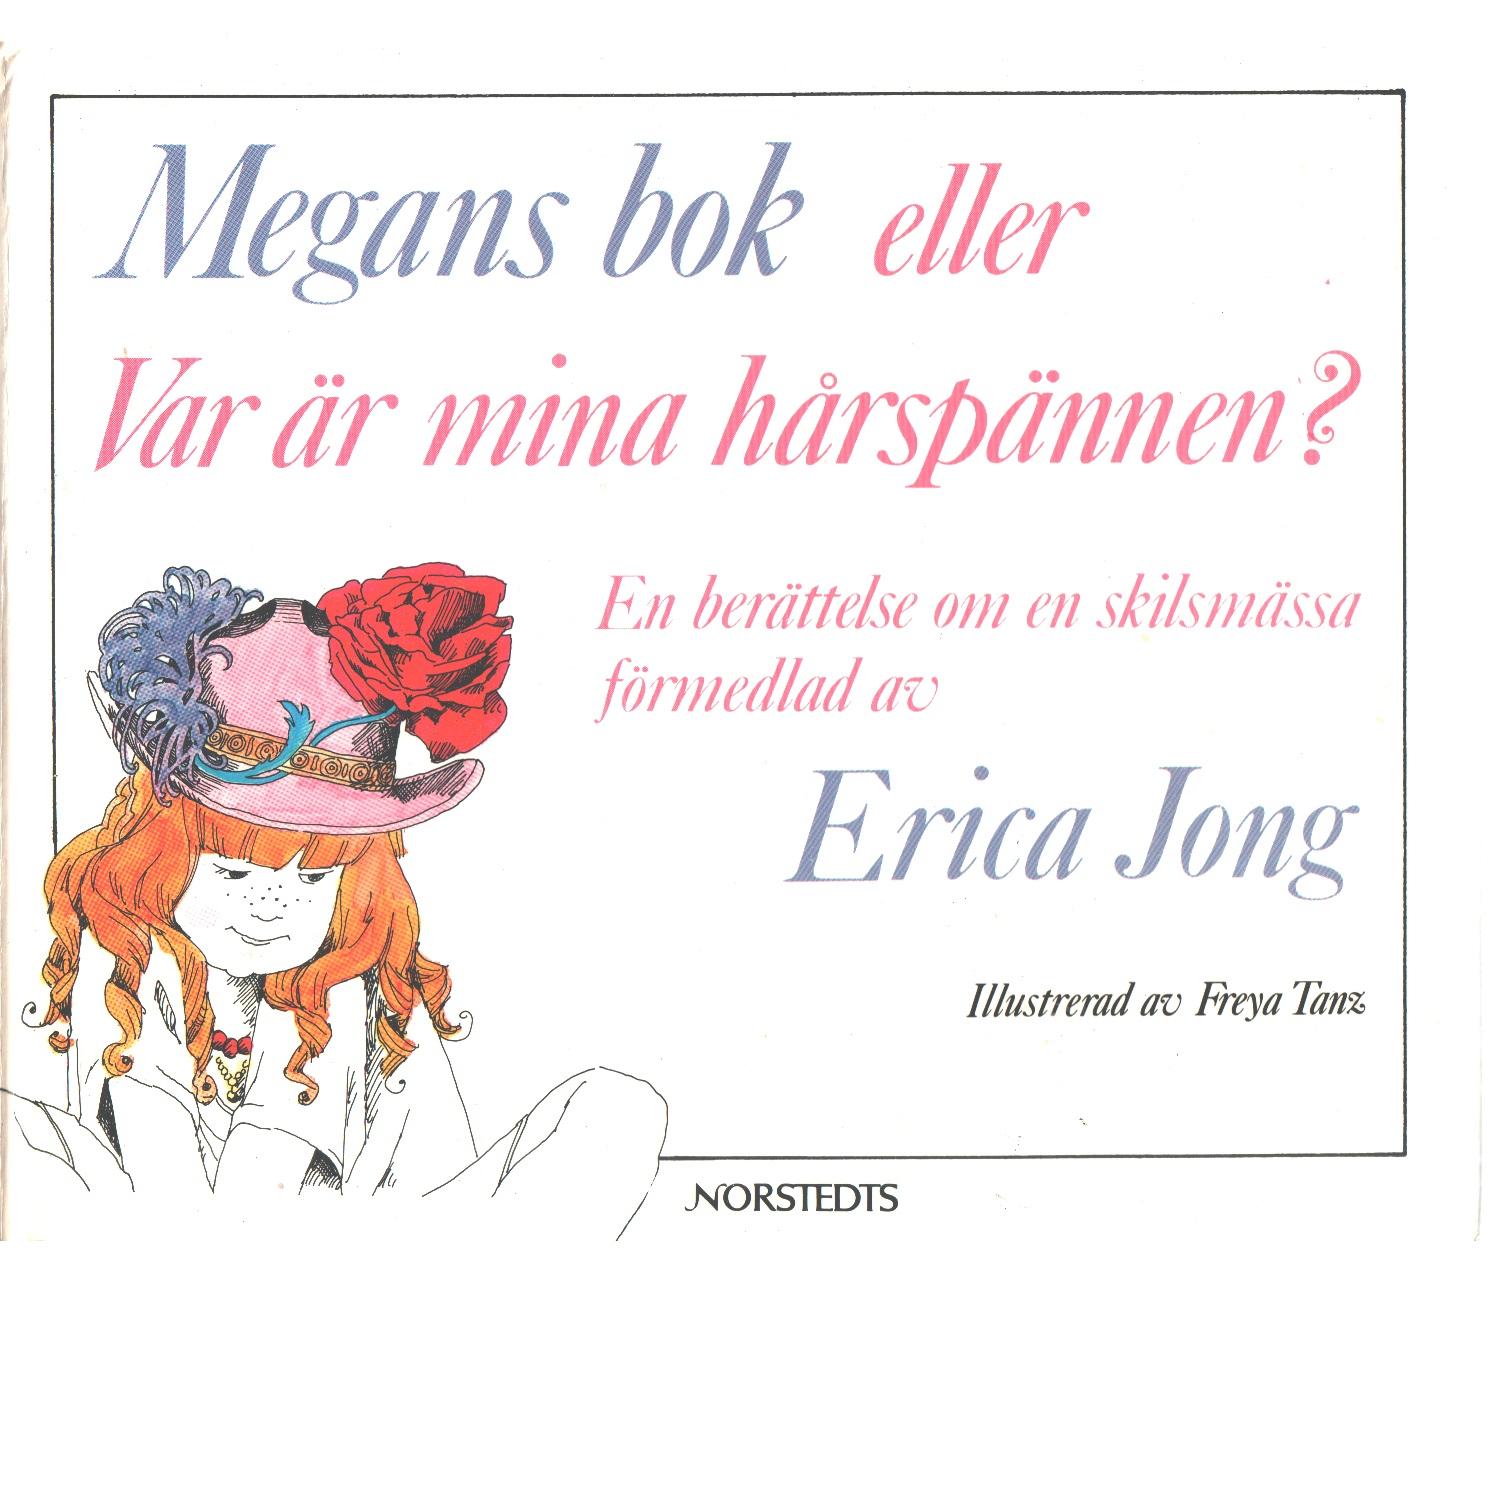 Megans bok eller Var är mina hårspännen? - Jong, Erica